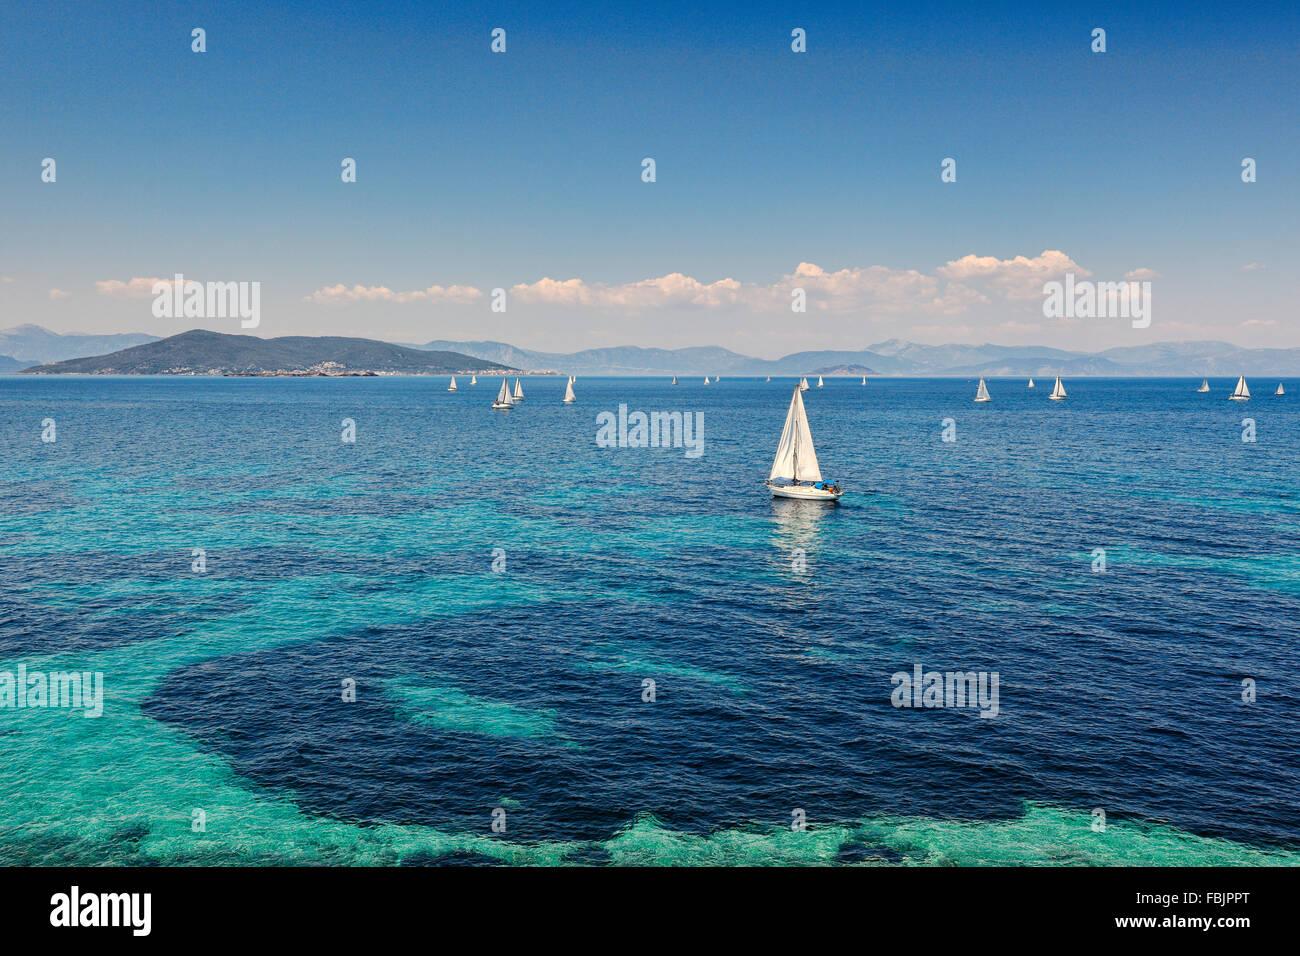 Voiliers près de l'île d'Aegina, Grèce Photo Stock